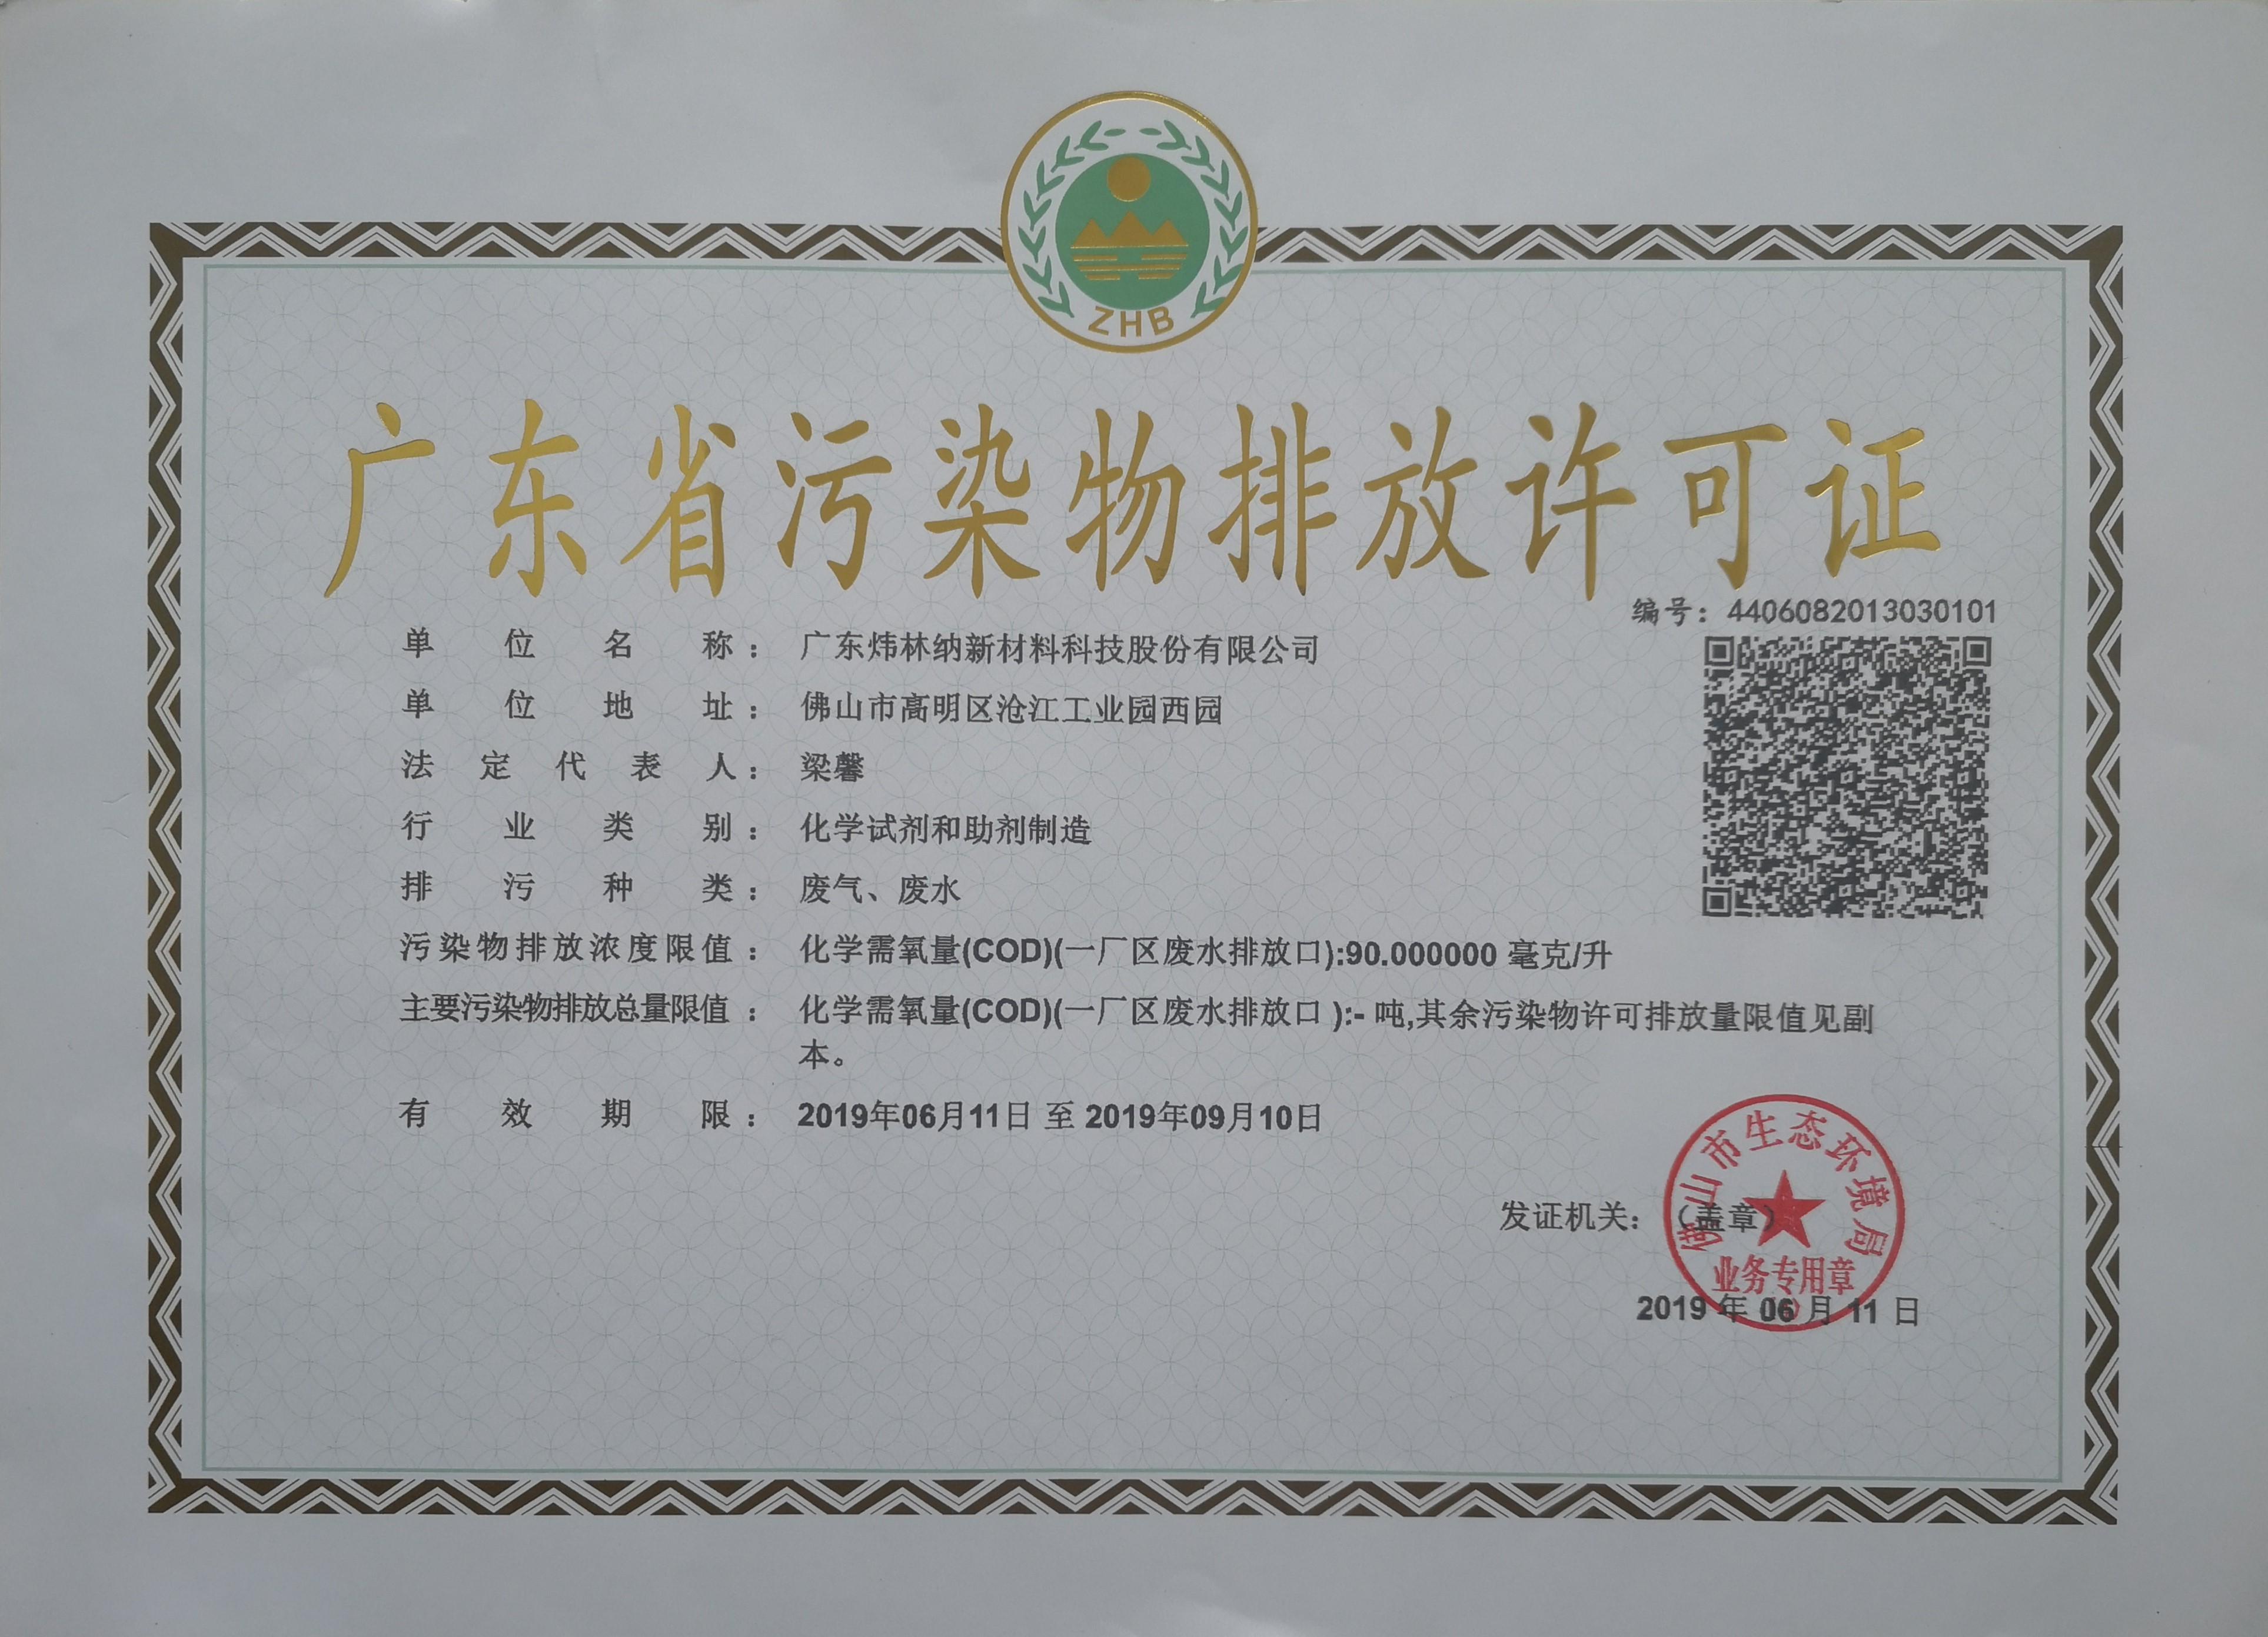 【炜林纳】污染物排放许可证以及环境监测报告